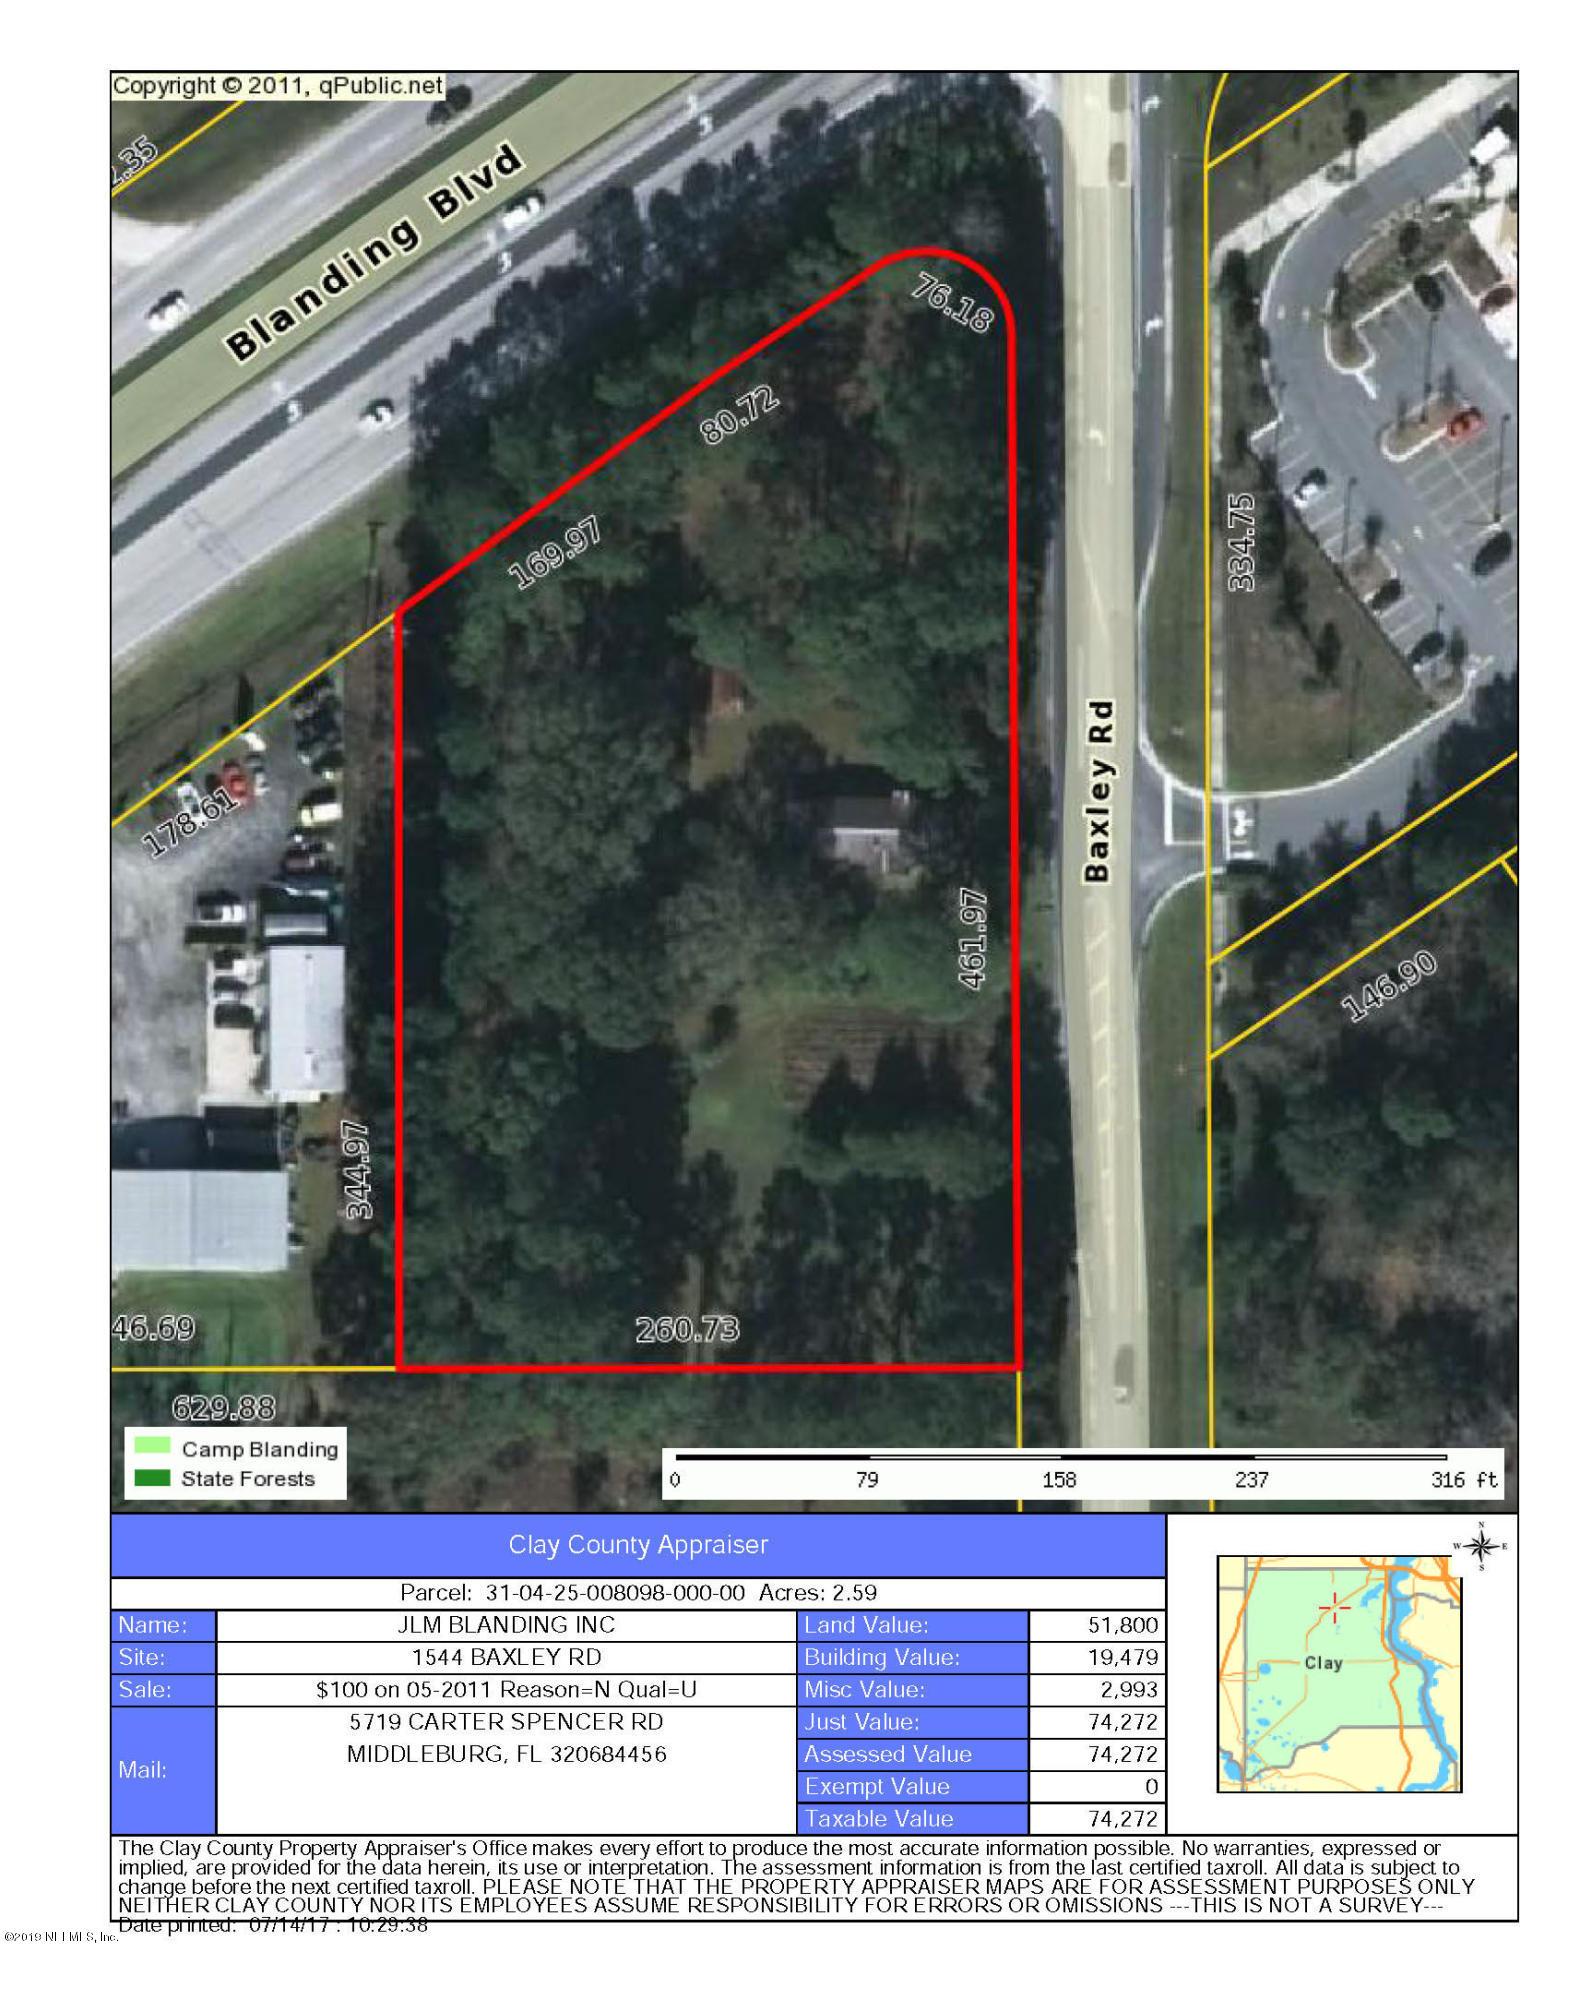 Details for 1544 Baxley Rd, MIDDLEBURG, FL 32068